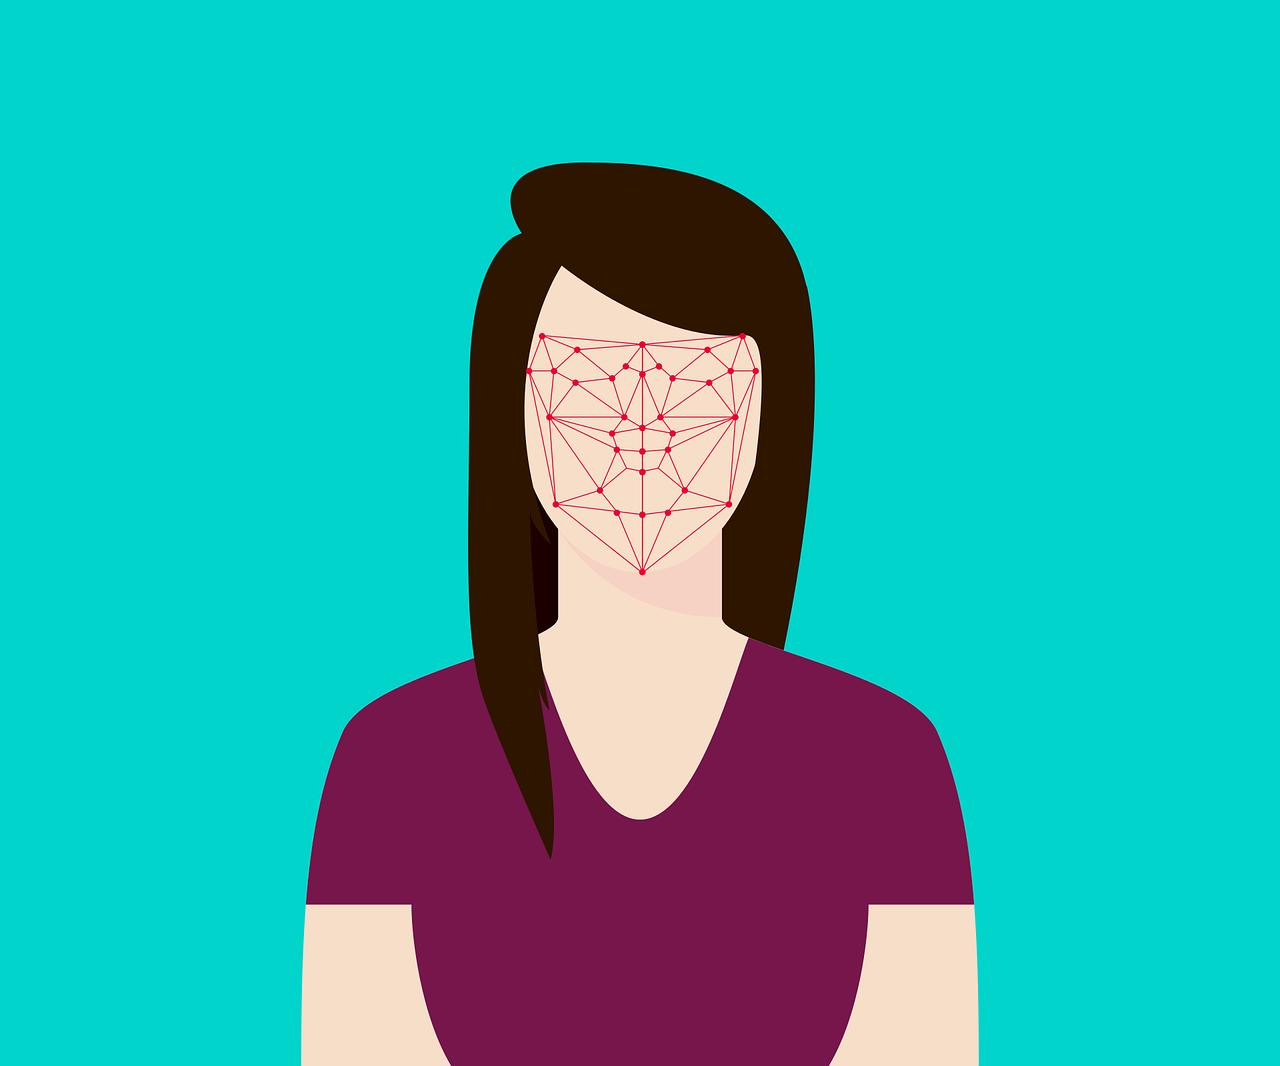 טיילור סוויפט השתמשה בזיהוי פנים בקונצרט כדי לזהות מטרידים